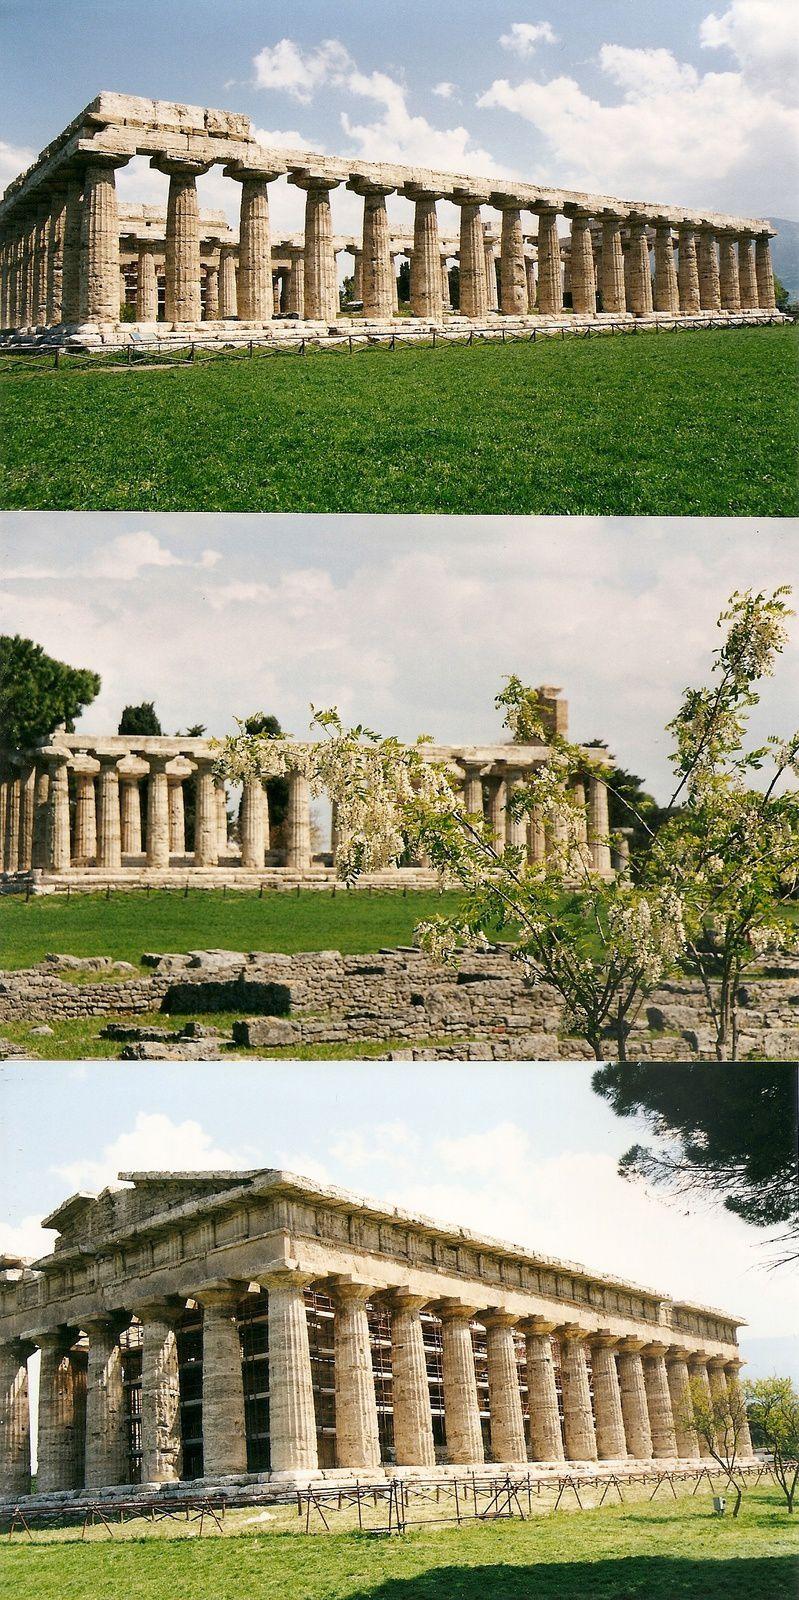 temples de Paestum, de haut en bas : Basilique ou Héra, Athéna ou Cérès, Héra ou Poseidon, photos Michèle Delisle avril 2002, et temple de la Concorde à Agrigente, photo J.D. 10 juillet 1973